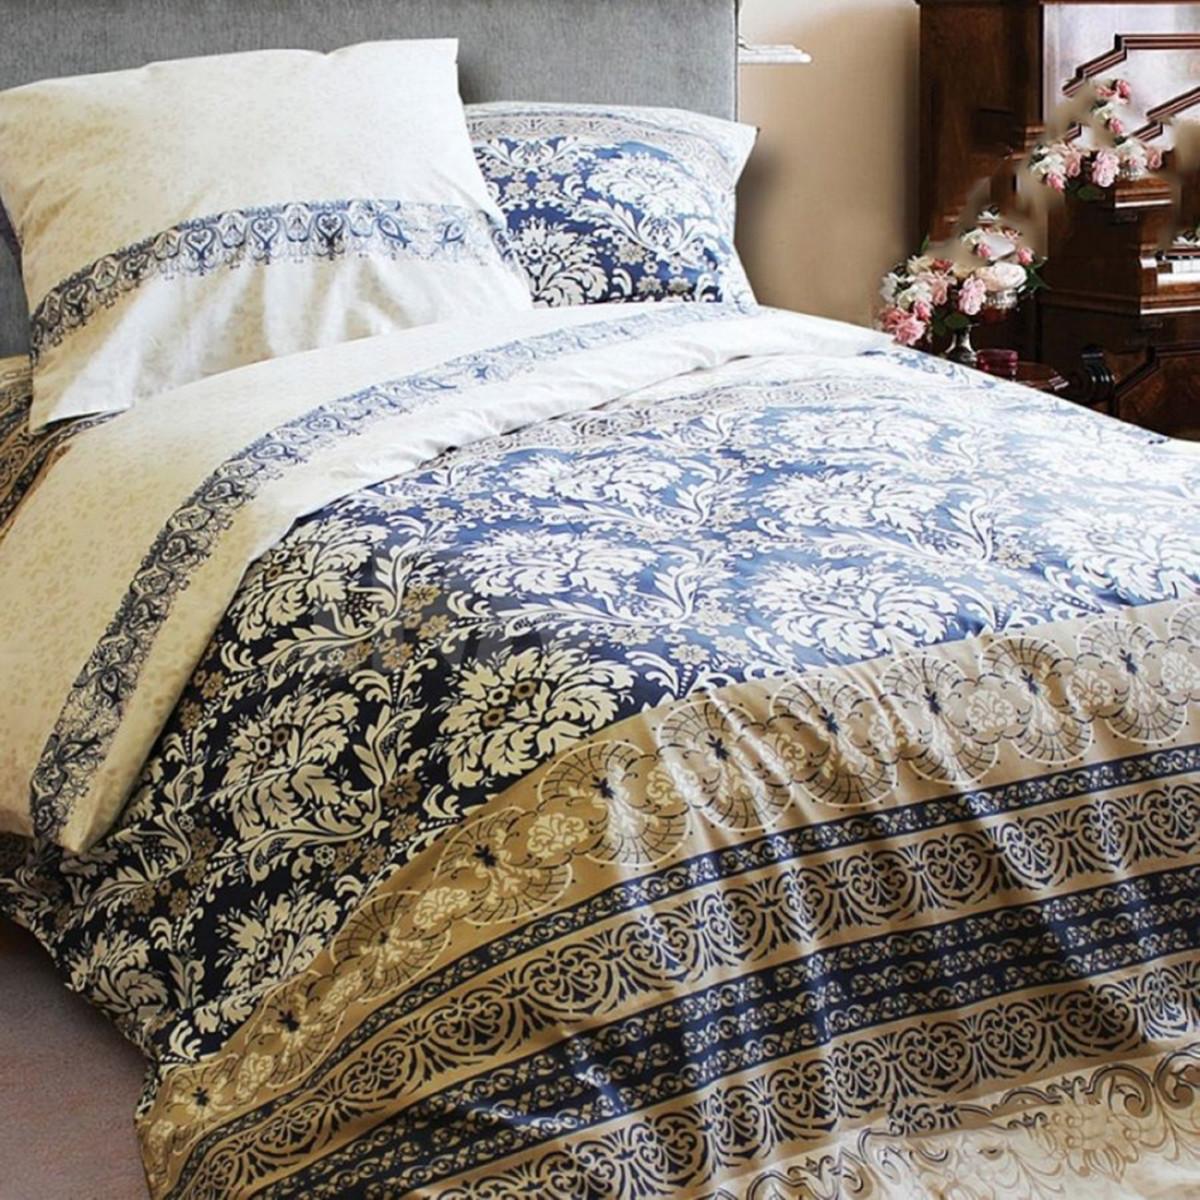 Комплект Постельного Белья Односпальный Спал Спалыч Гран При 109183 Бязь